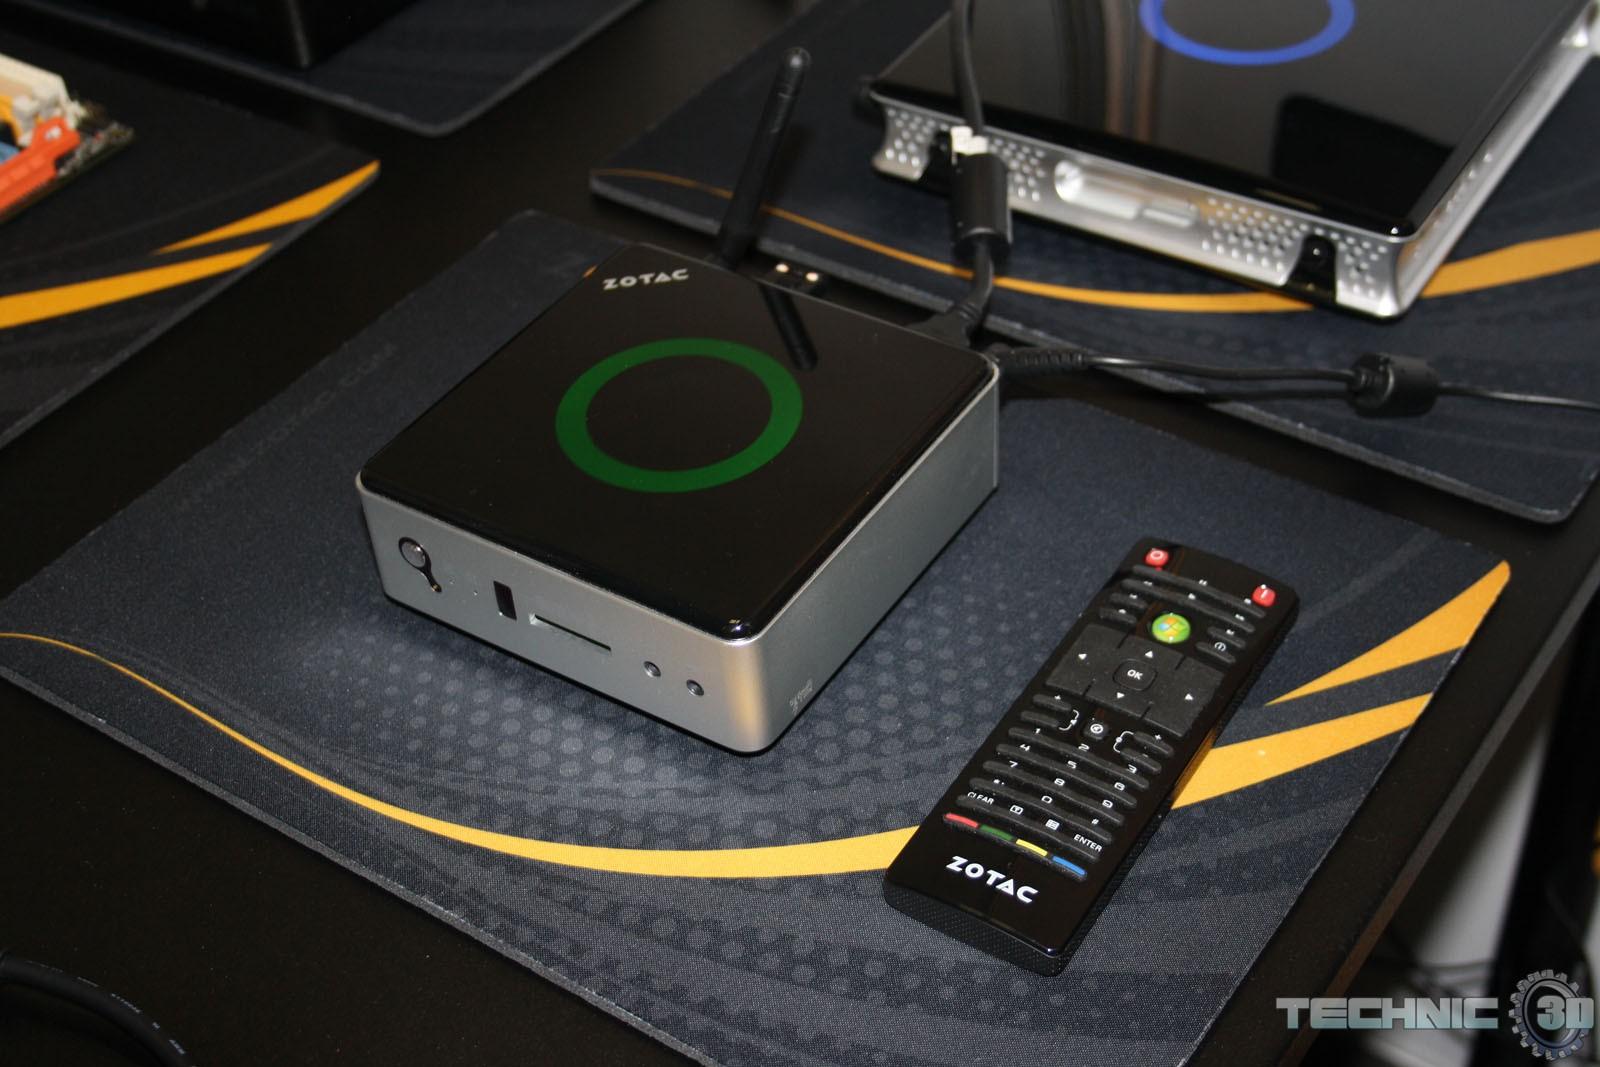 Gamescom 2011 Zotac Stellt Neuen Mini Pc Vor News Technic3d